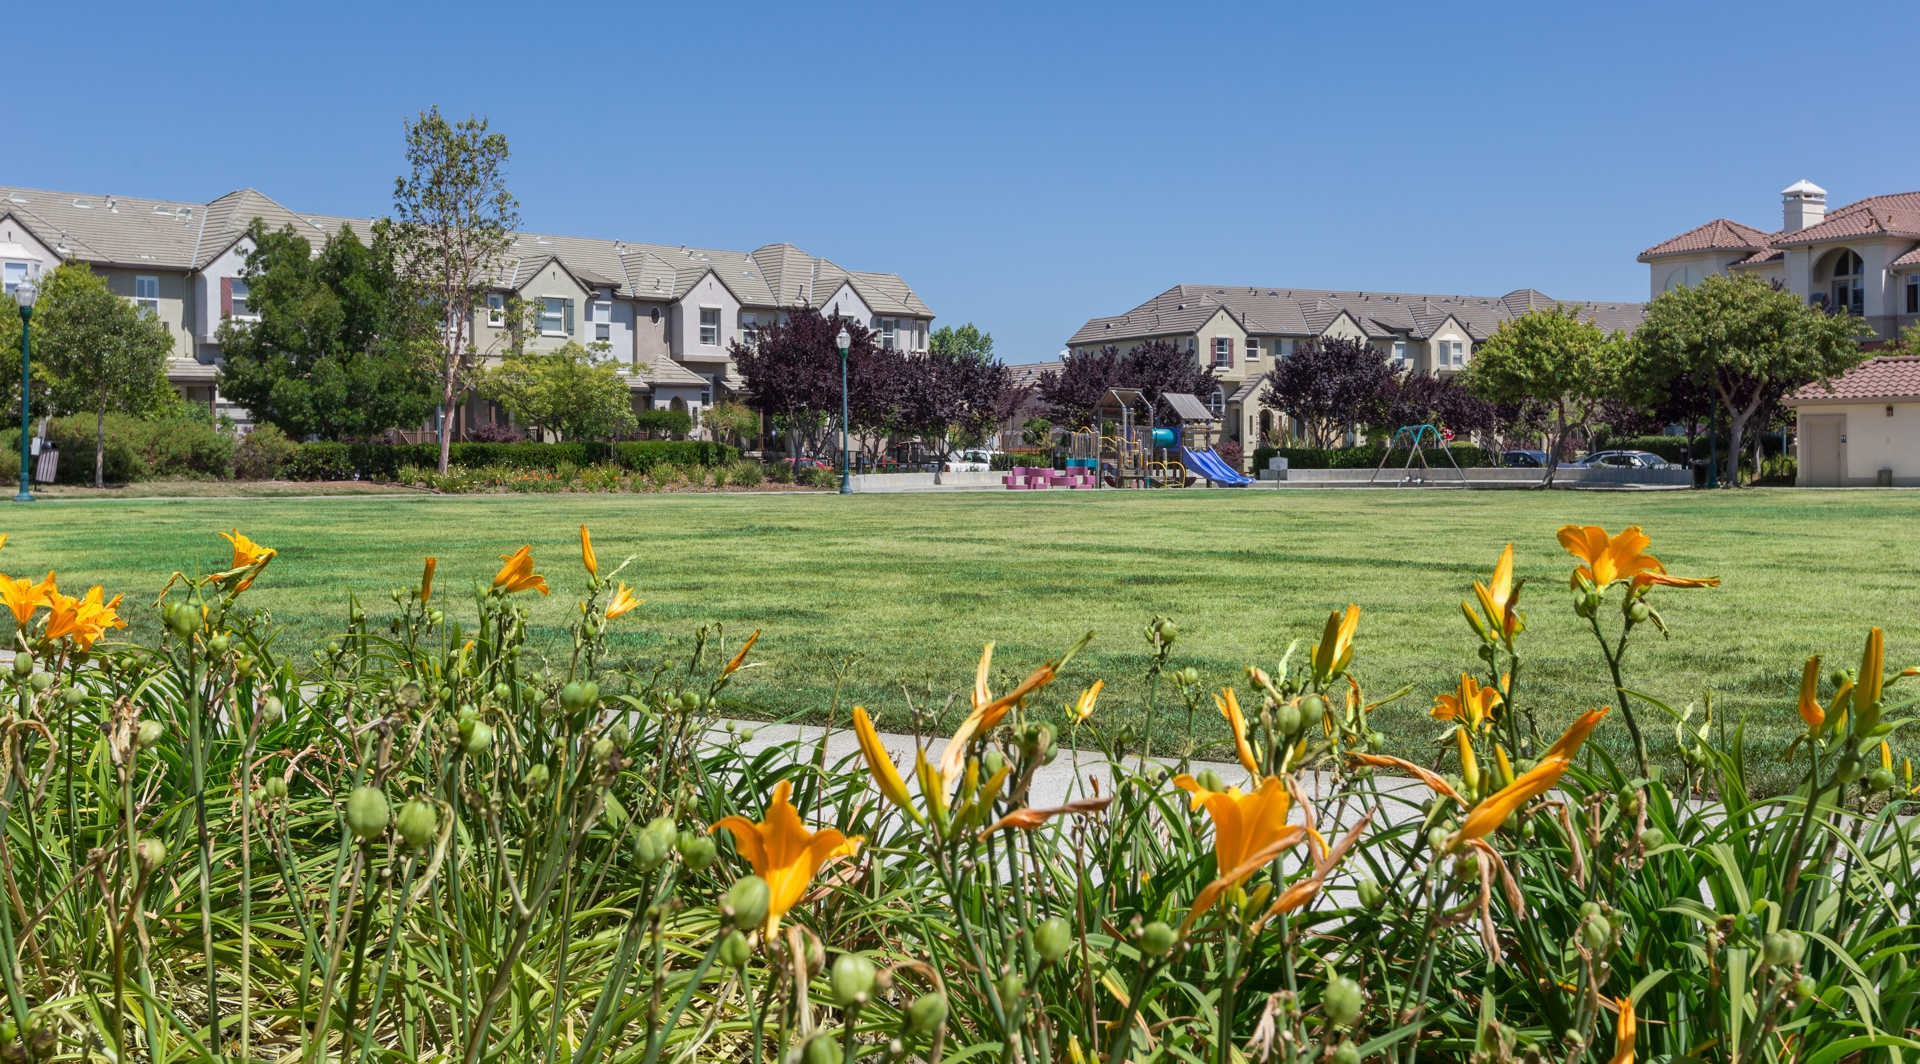 Park Place at San Mateo